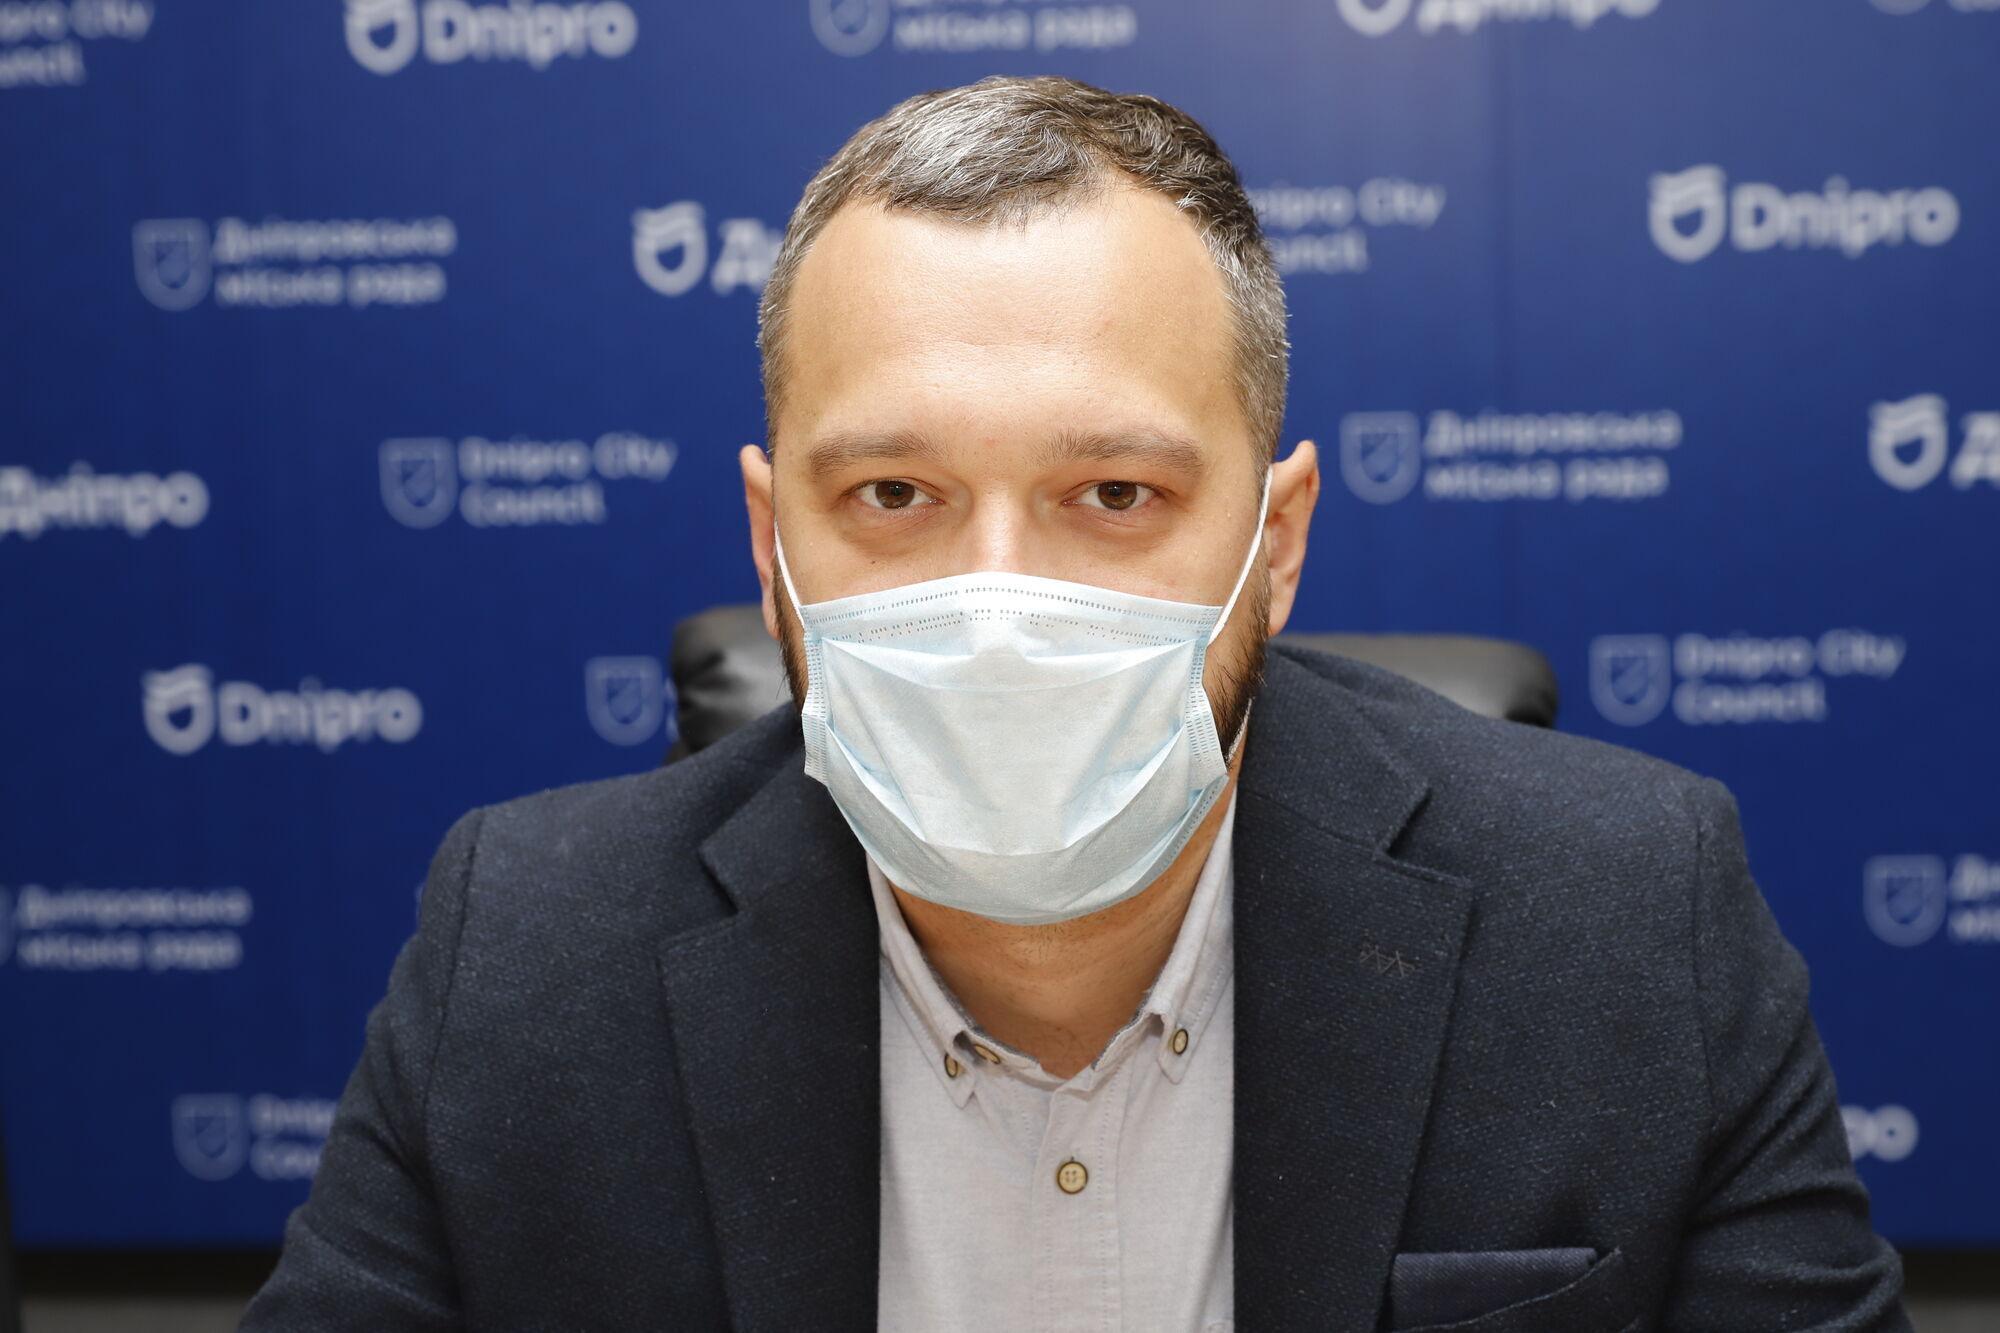 Директор департамента по вопросам местного самоуправления, внутренней и информационной политики горсовета Артем Ниделько